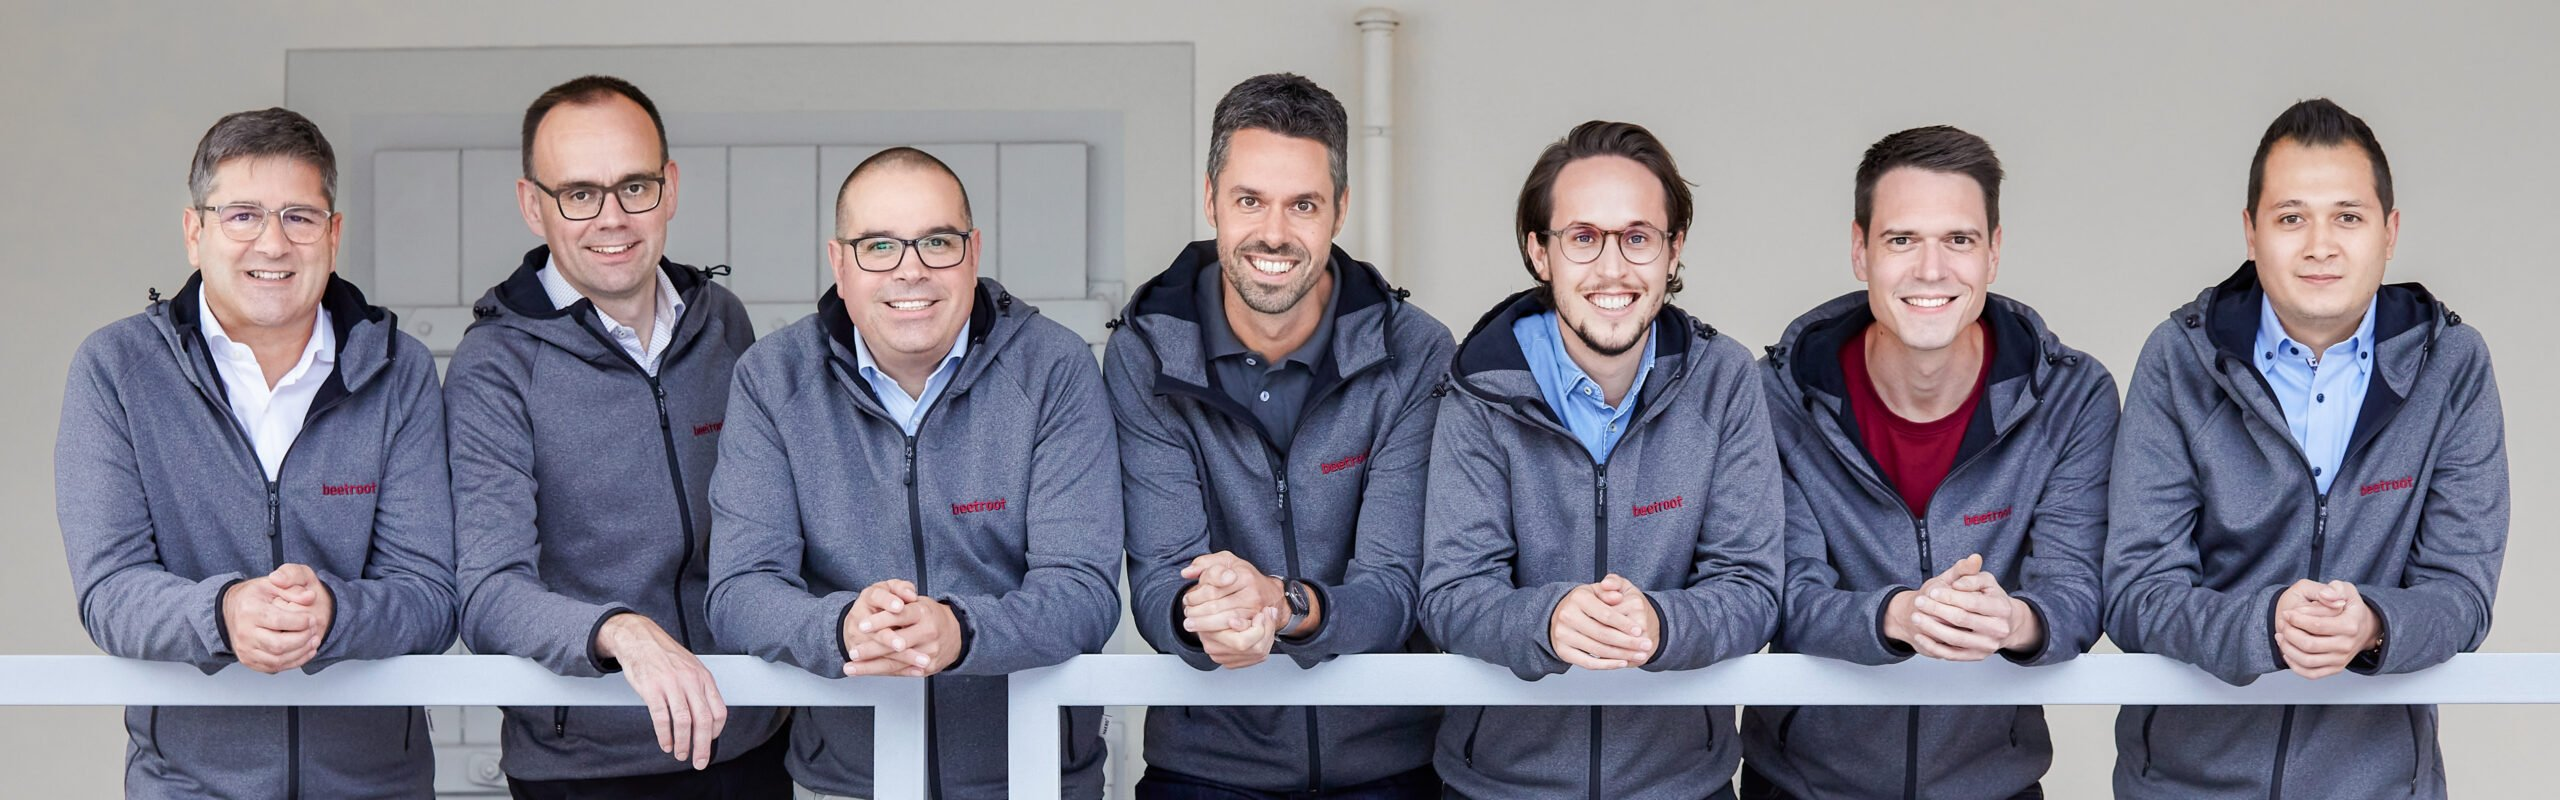 Reportage und Portraits über die Firma Beetroot in Sursee; Aufnahmen für die Webseite